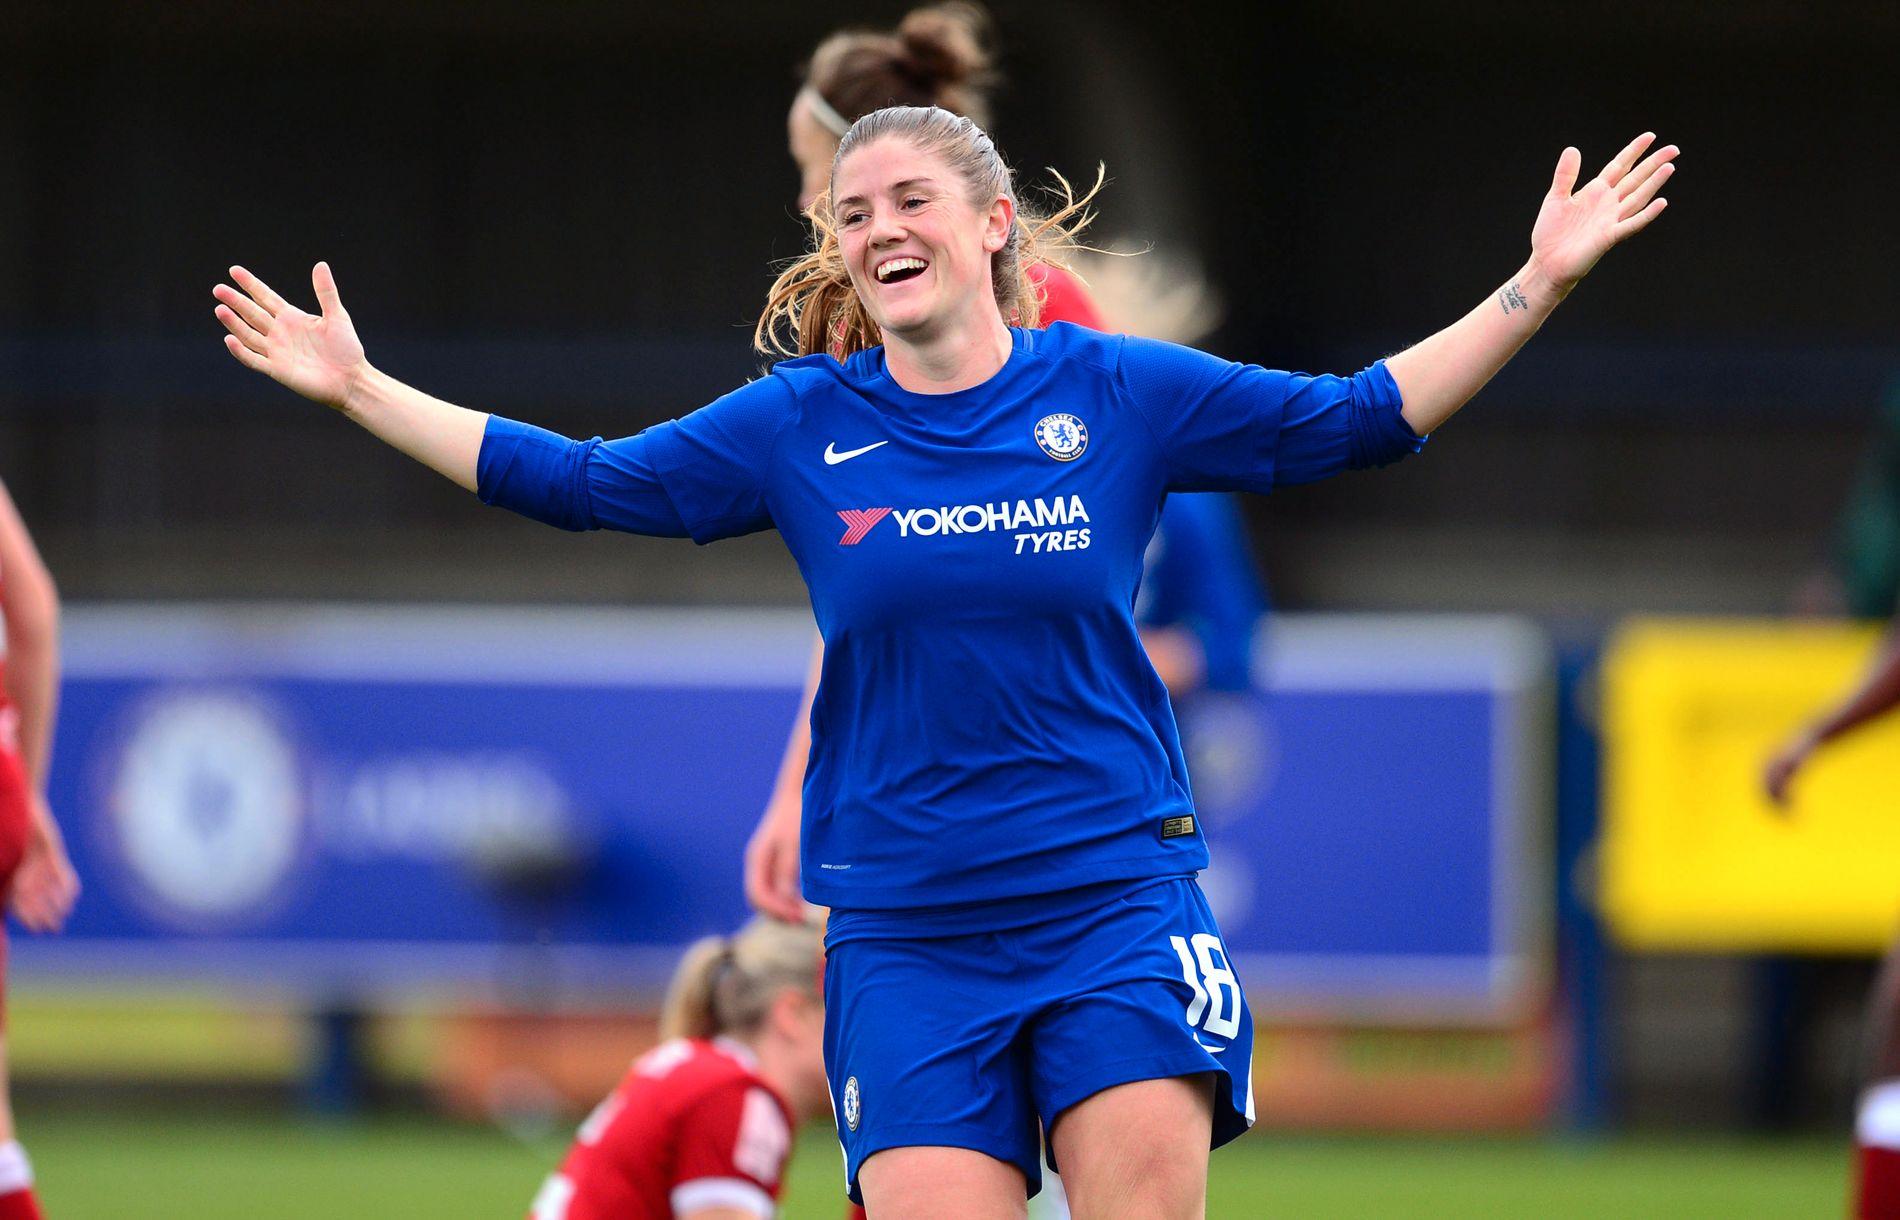 NOMINERT: Landslagskaptein Maren Mjelde er gjennom sine prestasjoner i Chelsea nominert til årets spiller i England.